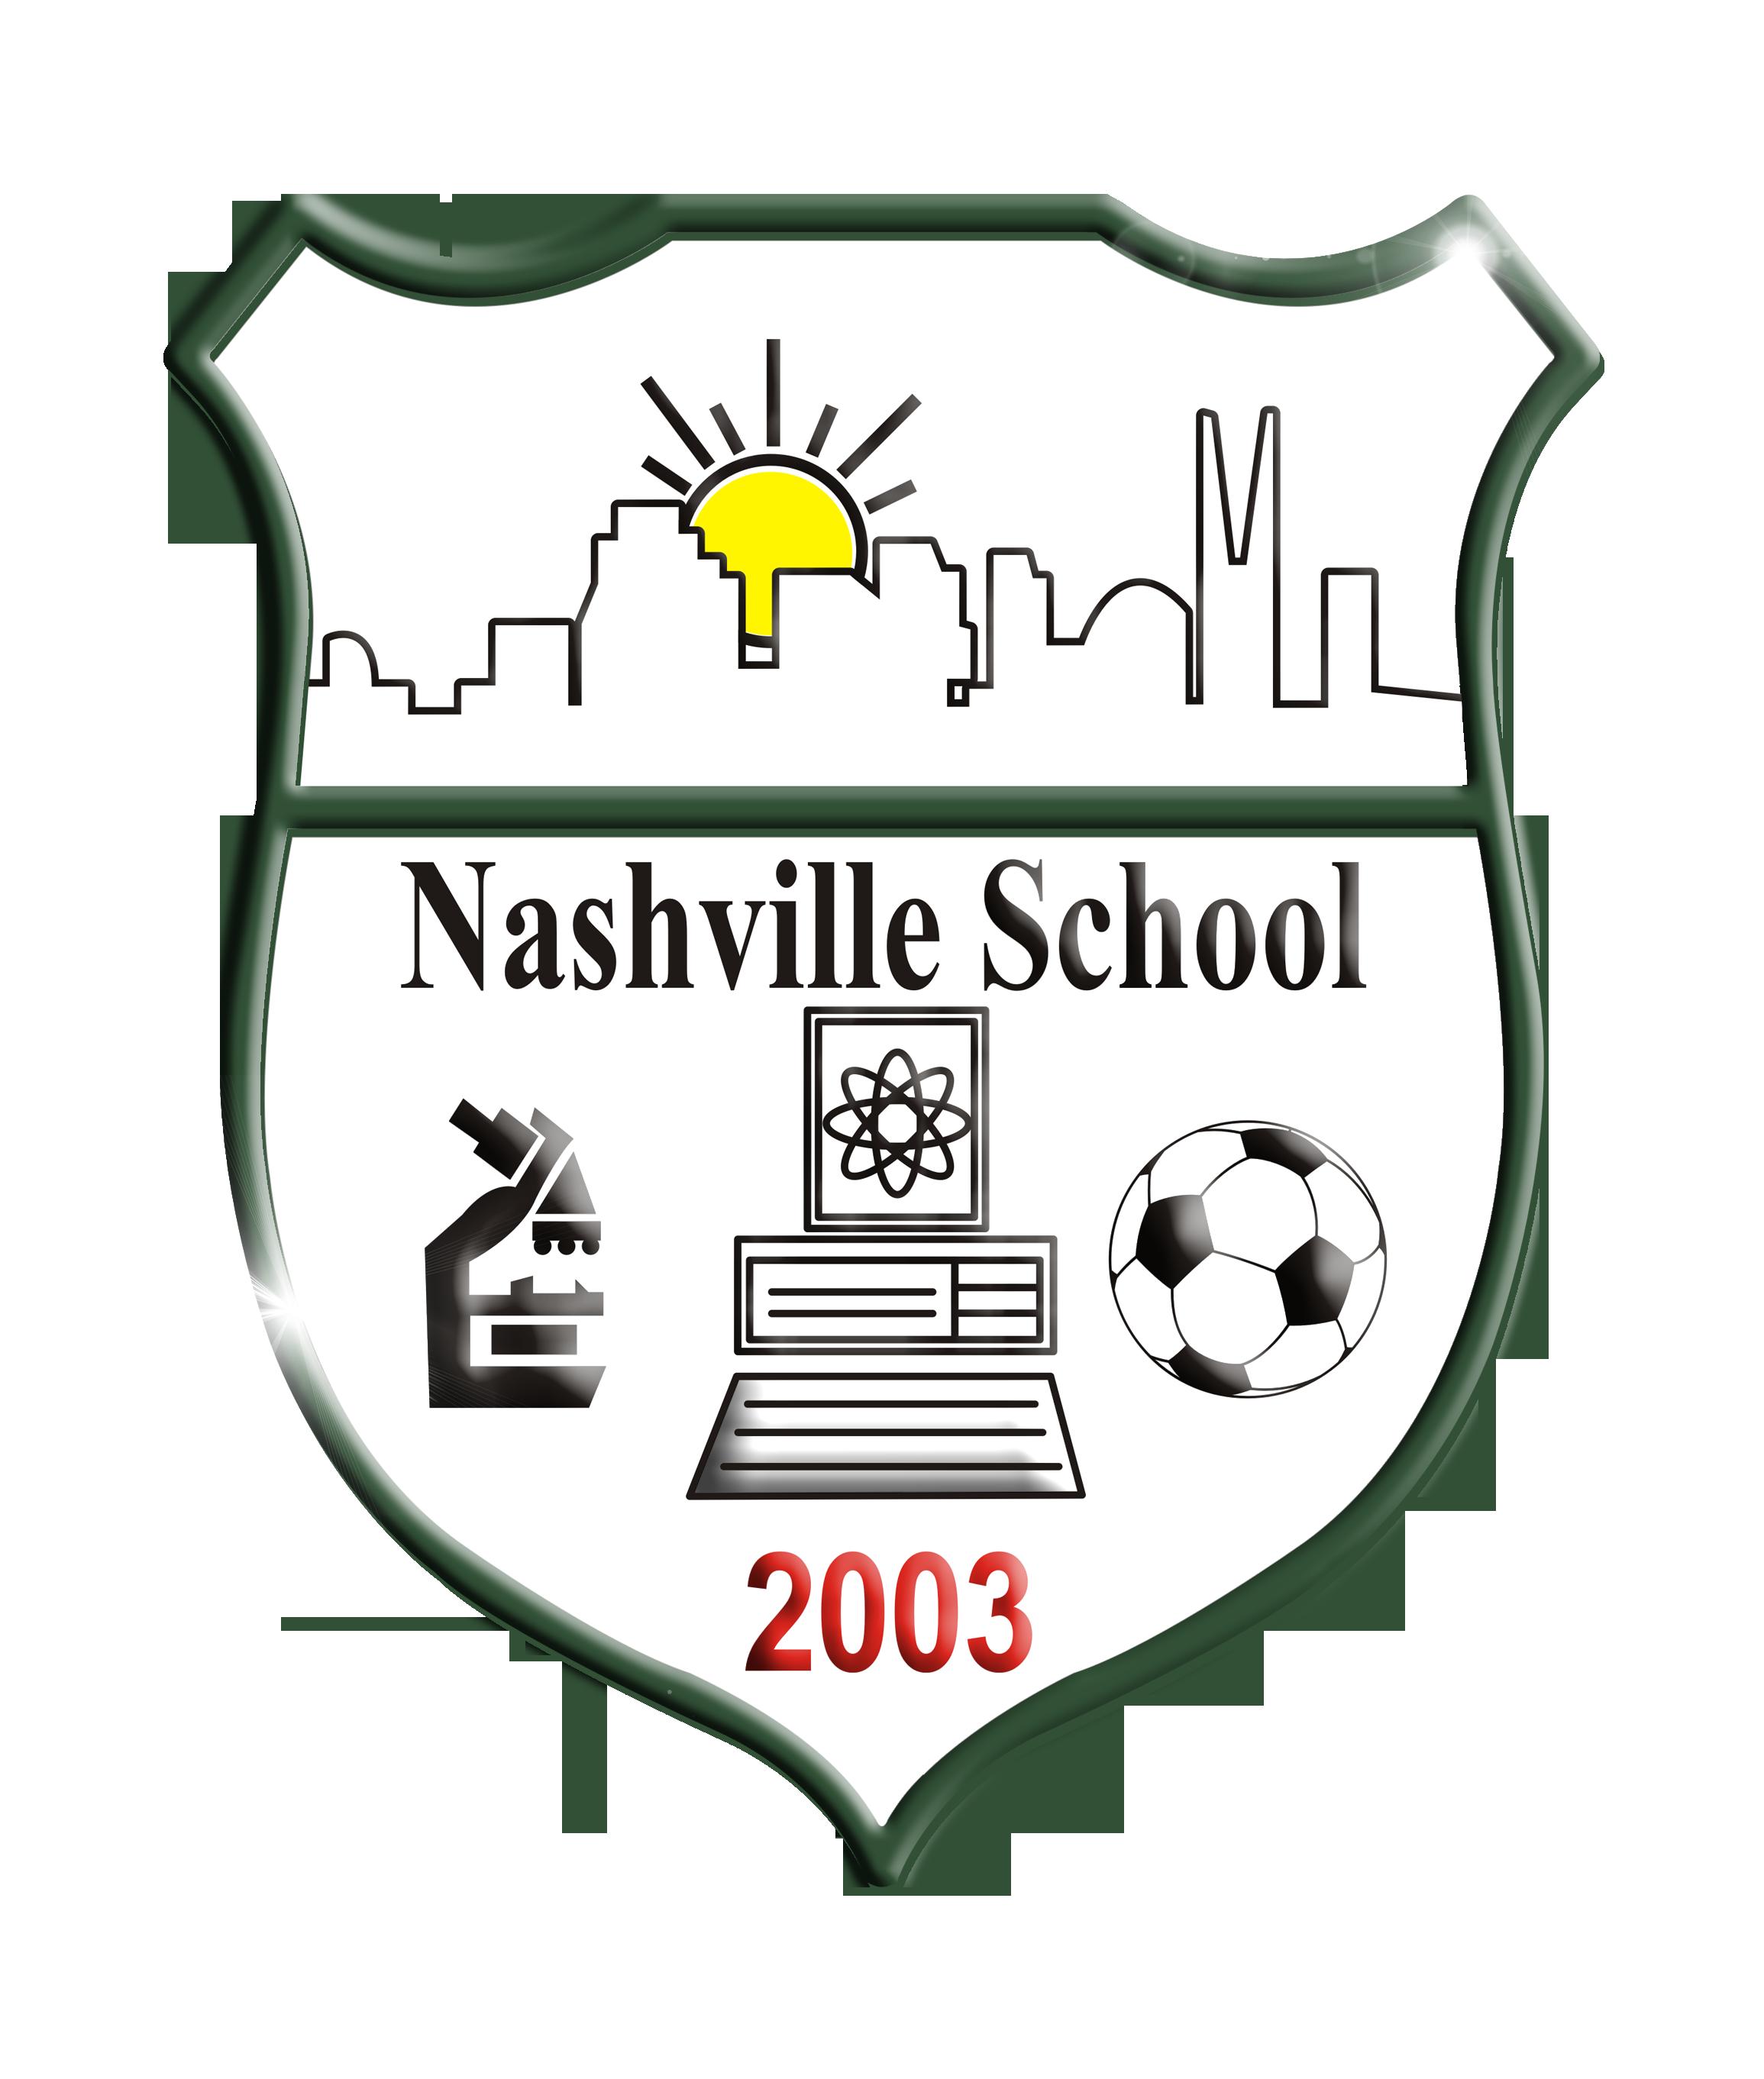 Nashville School